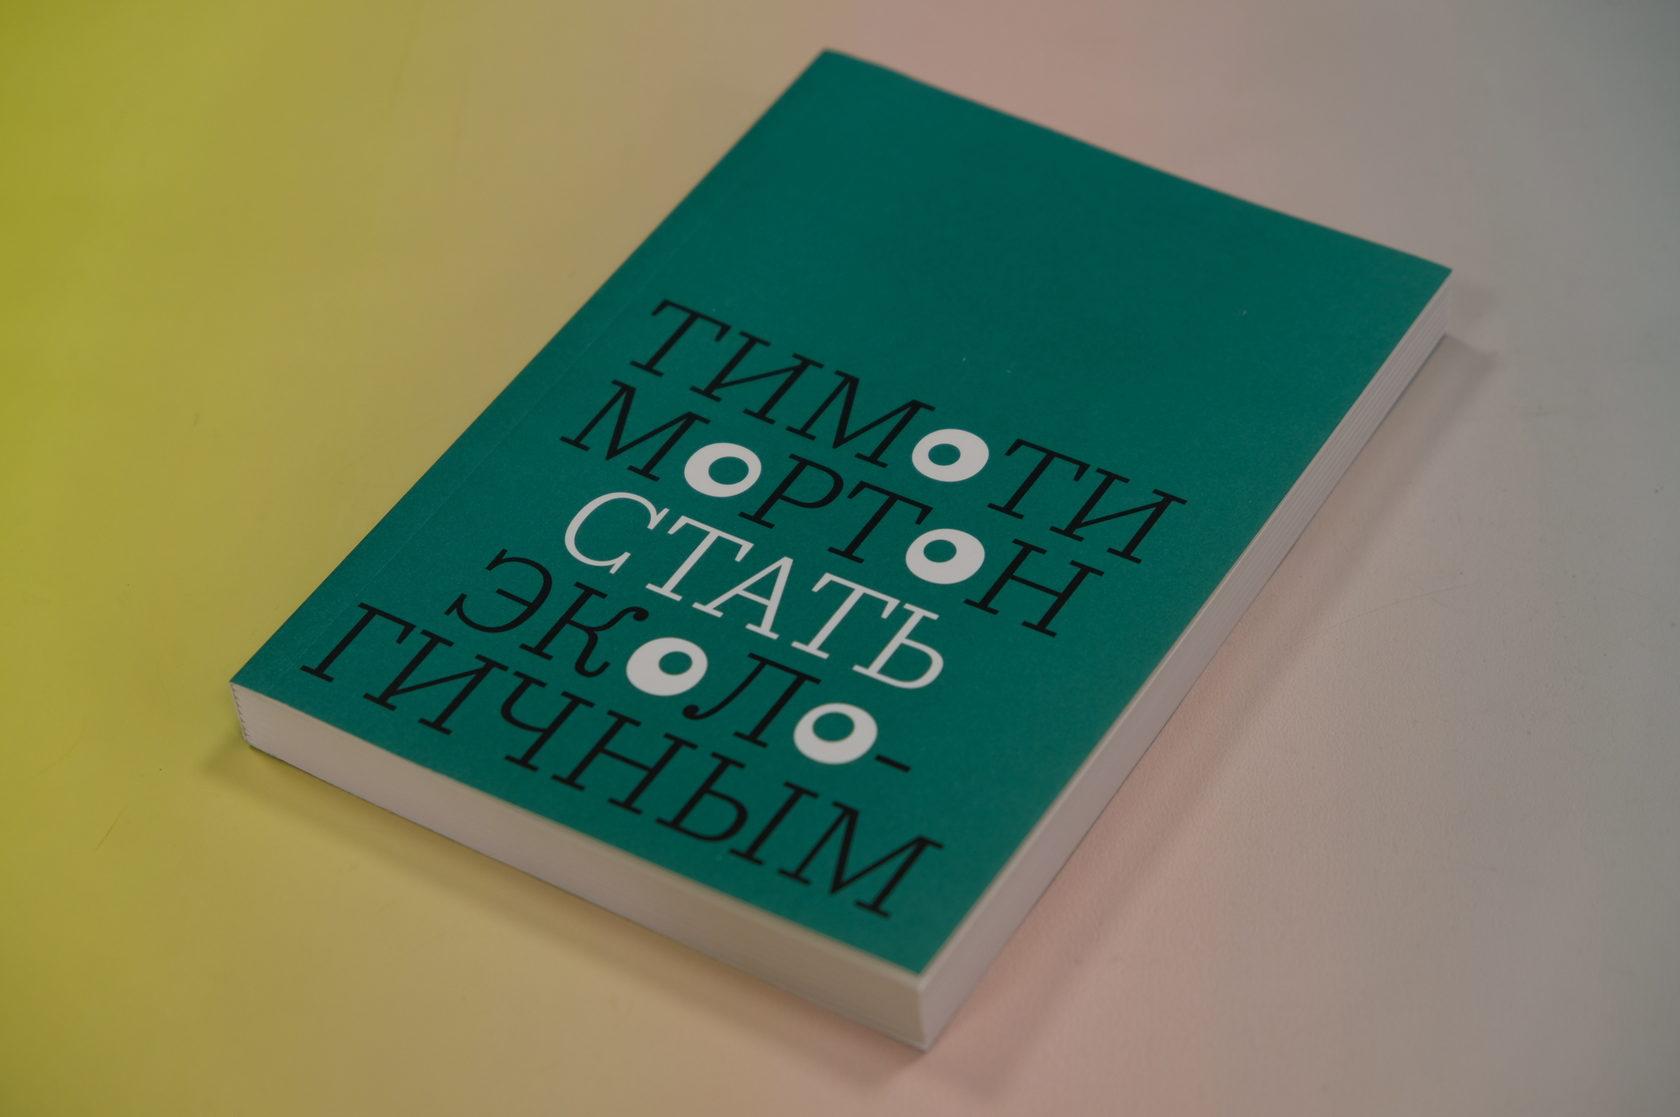 Купить книгу Тимоти Мортон «Стать экологичным»  978-5-91103-501-3